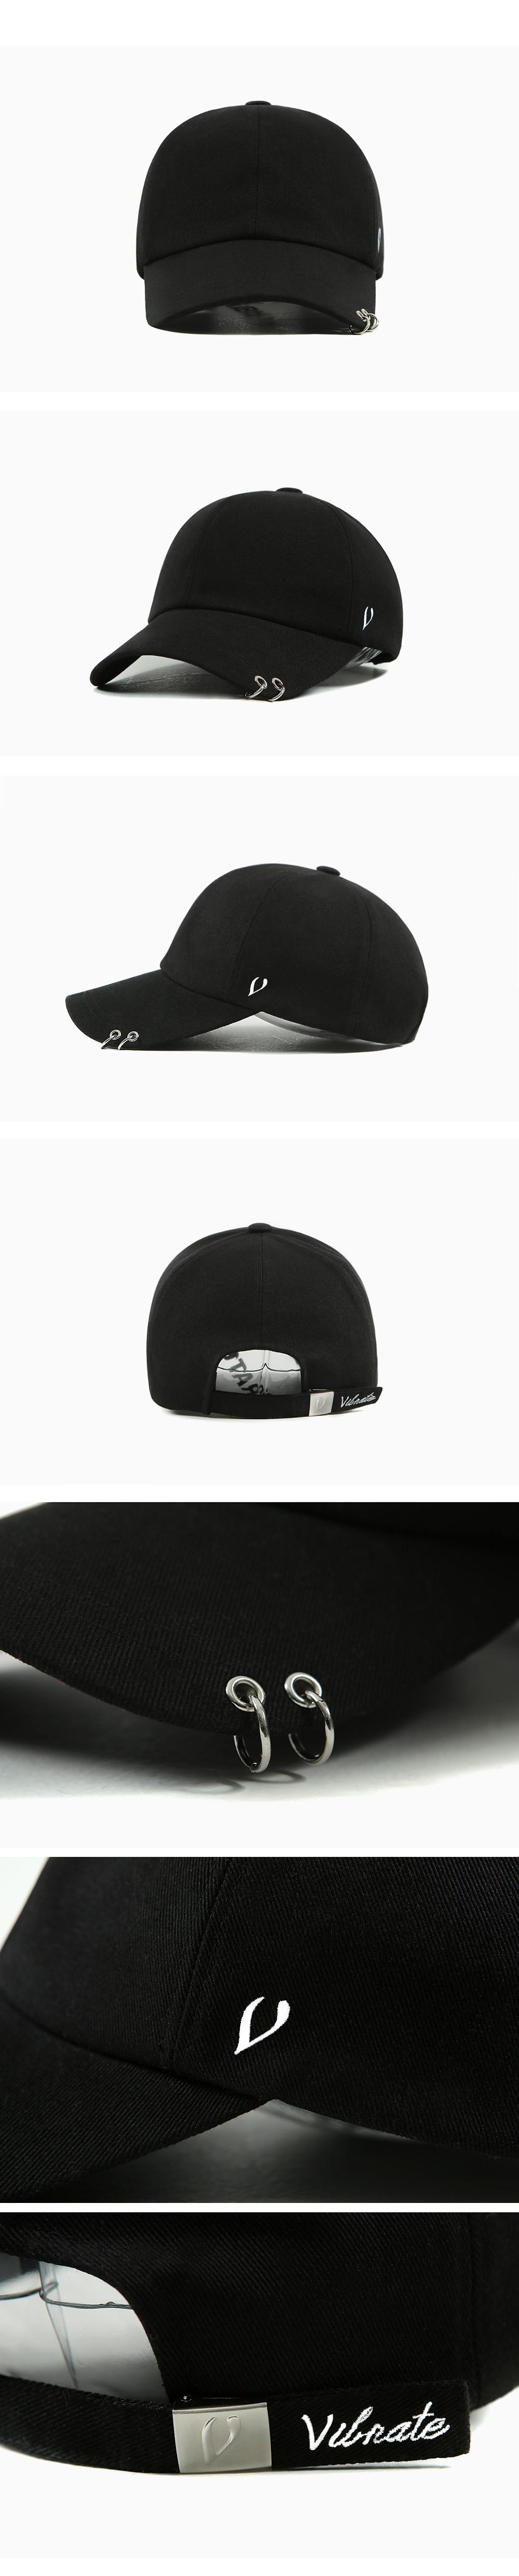 0106_ballcap_blackline_black_white.jpg